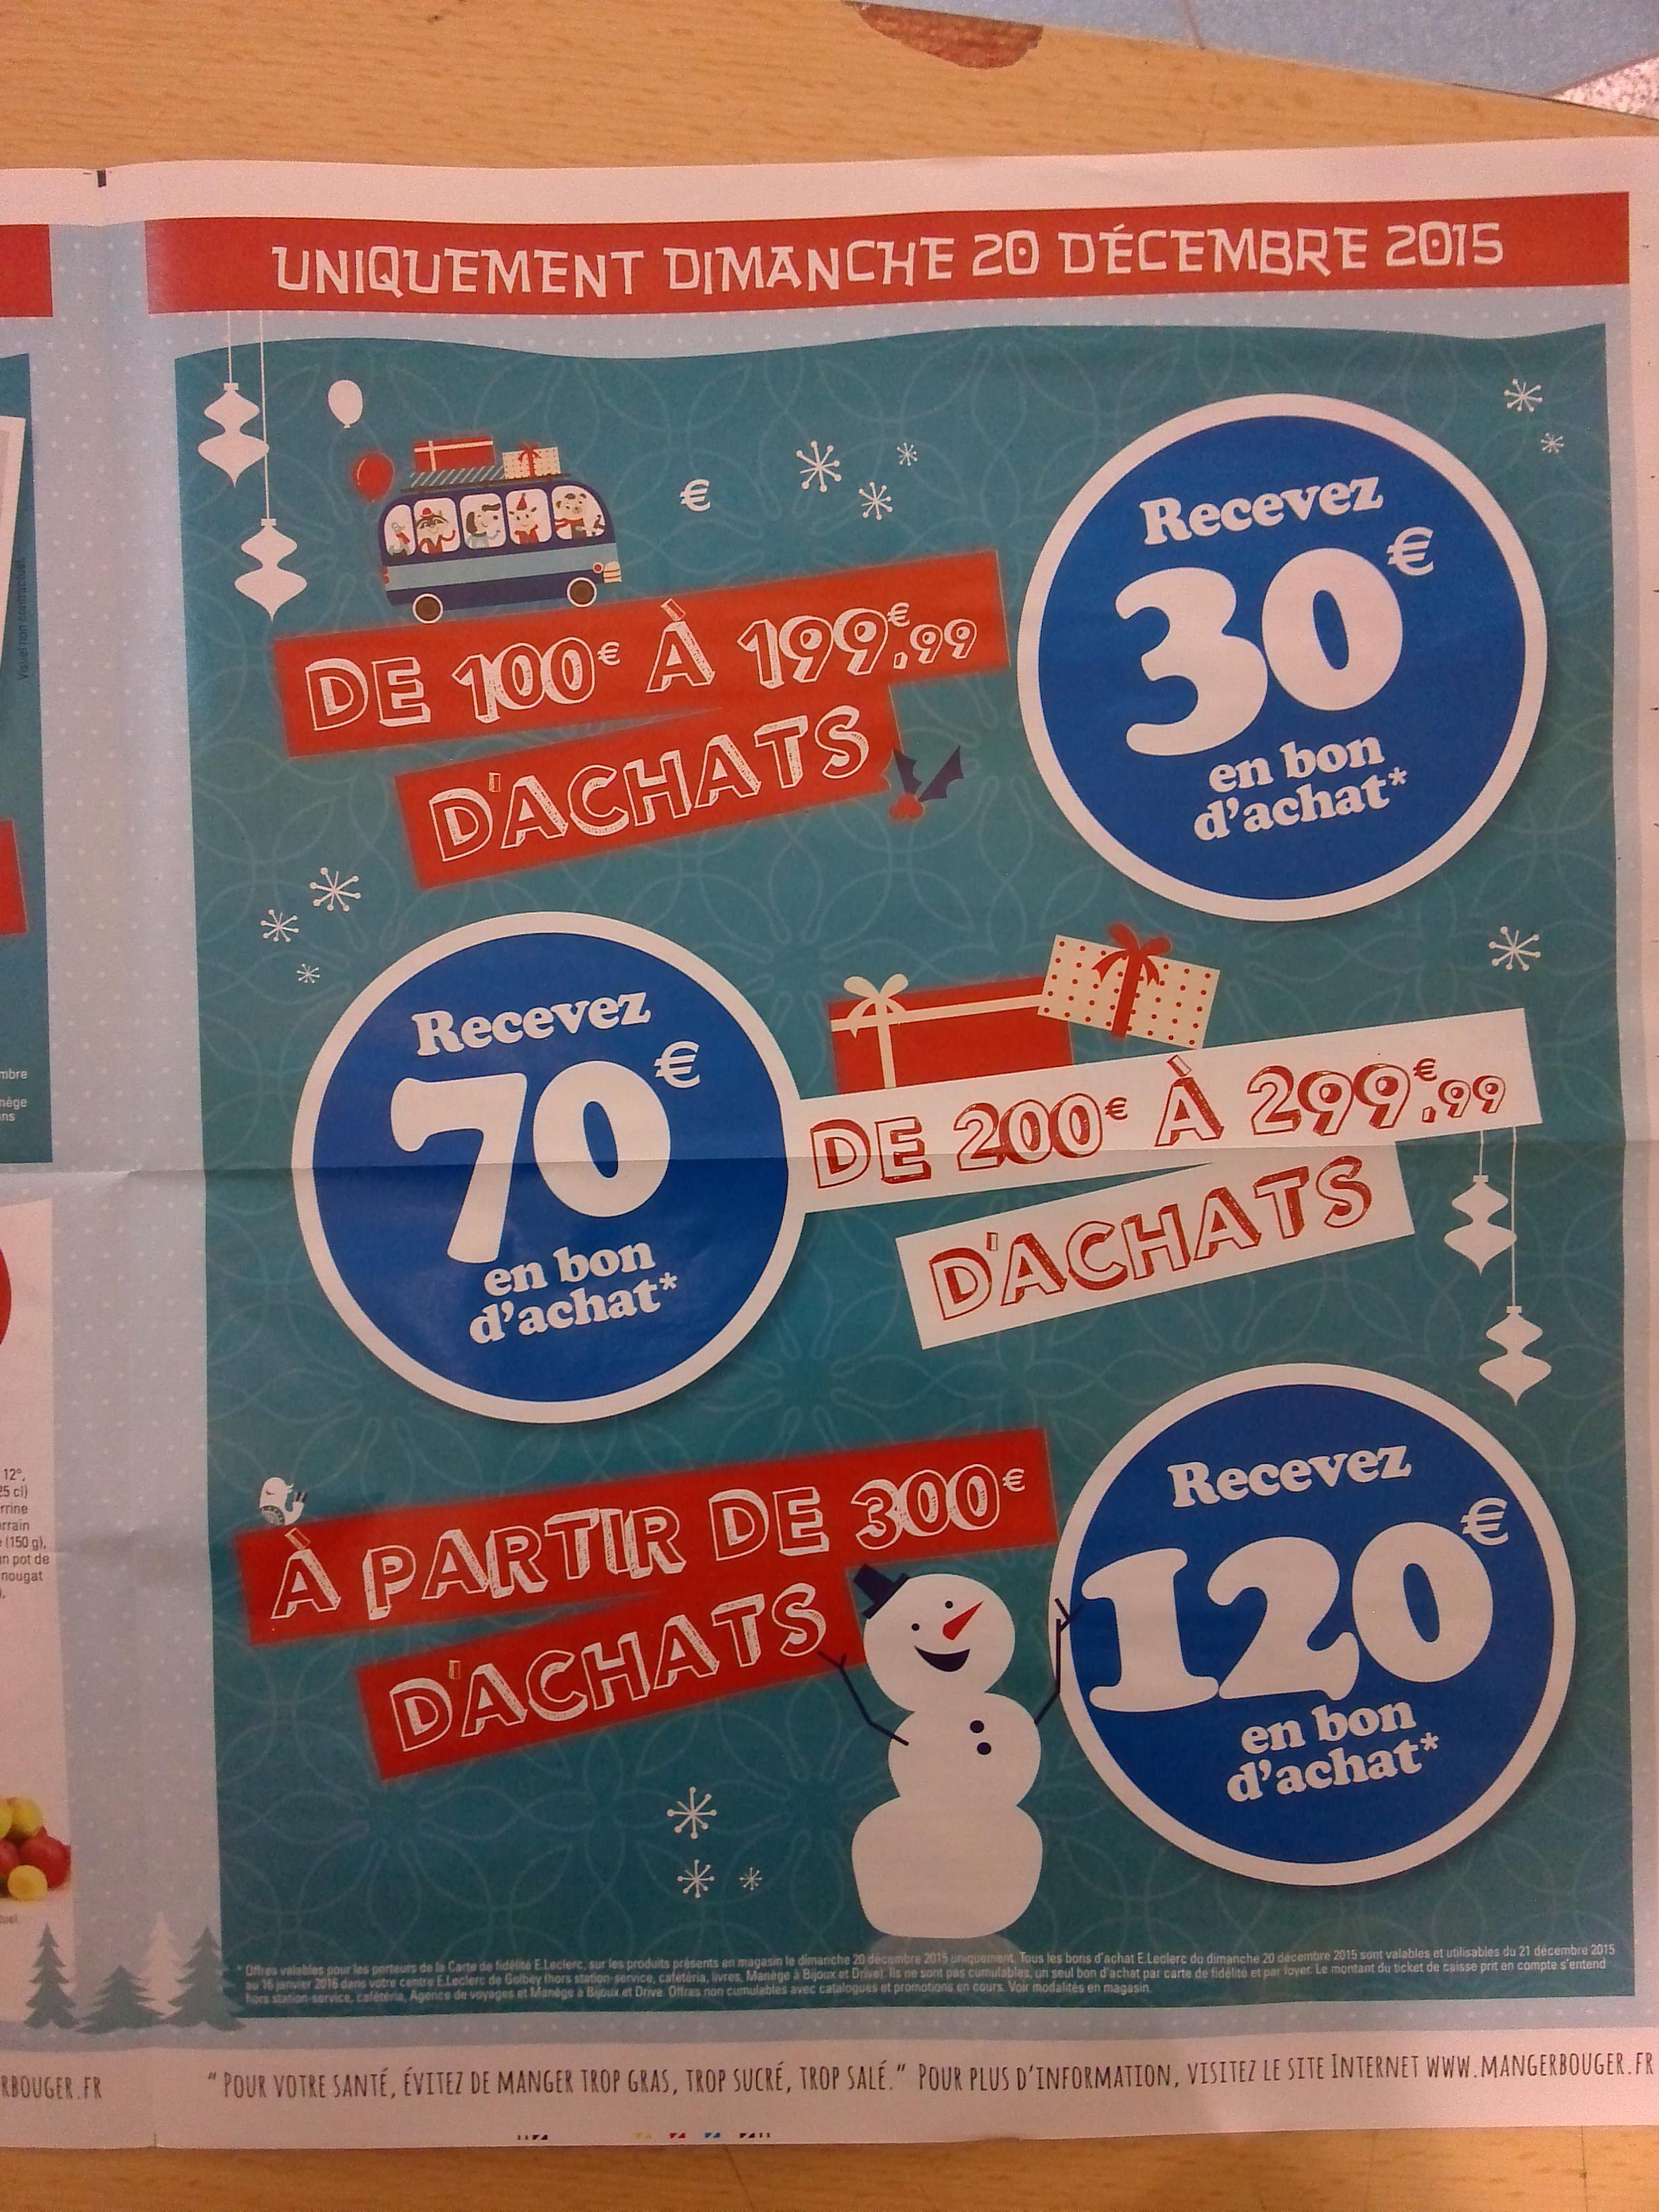 30€ offerts en bon d'achat dès 100€ d'achat, 70€ dès 200€ et 120€ offerts dès 300€ d'achat ex ps4